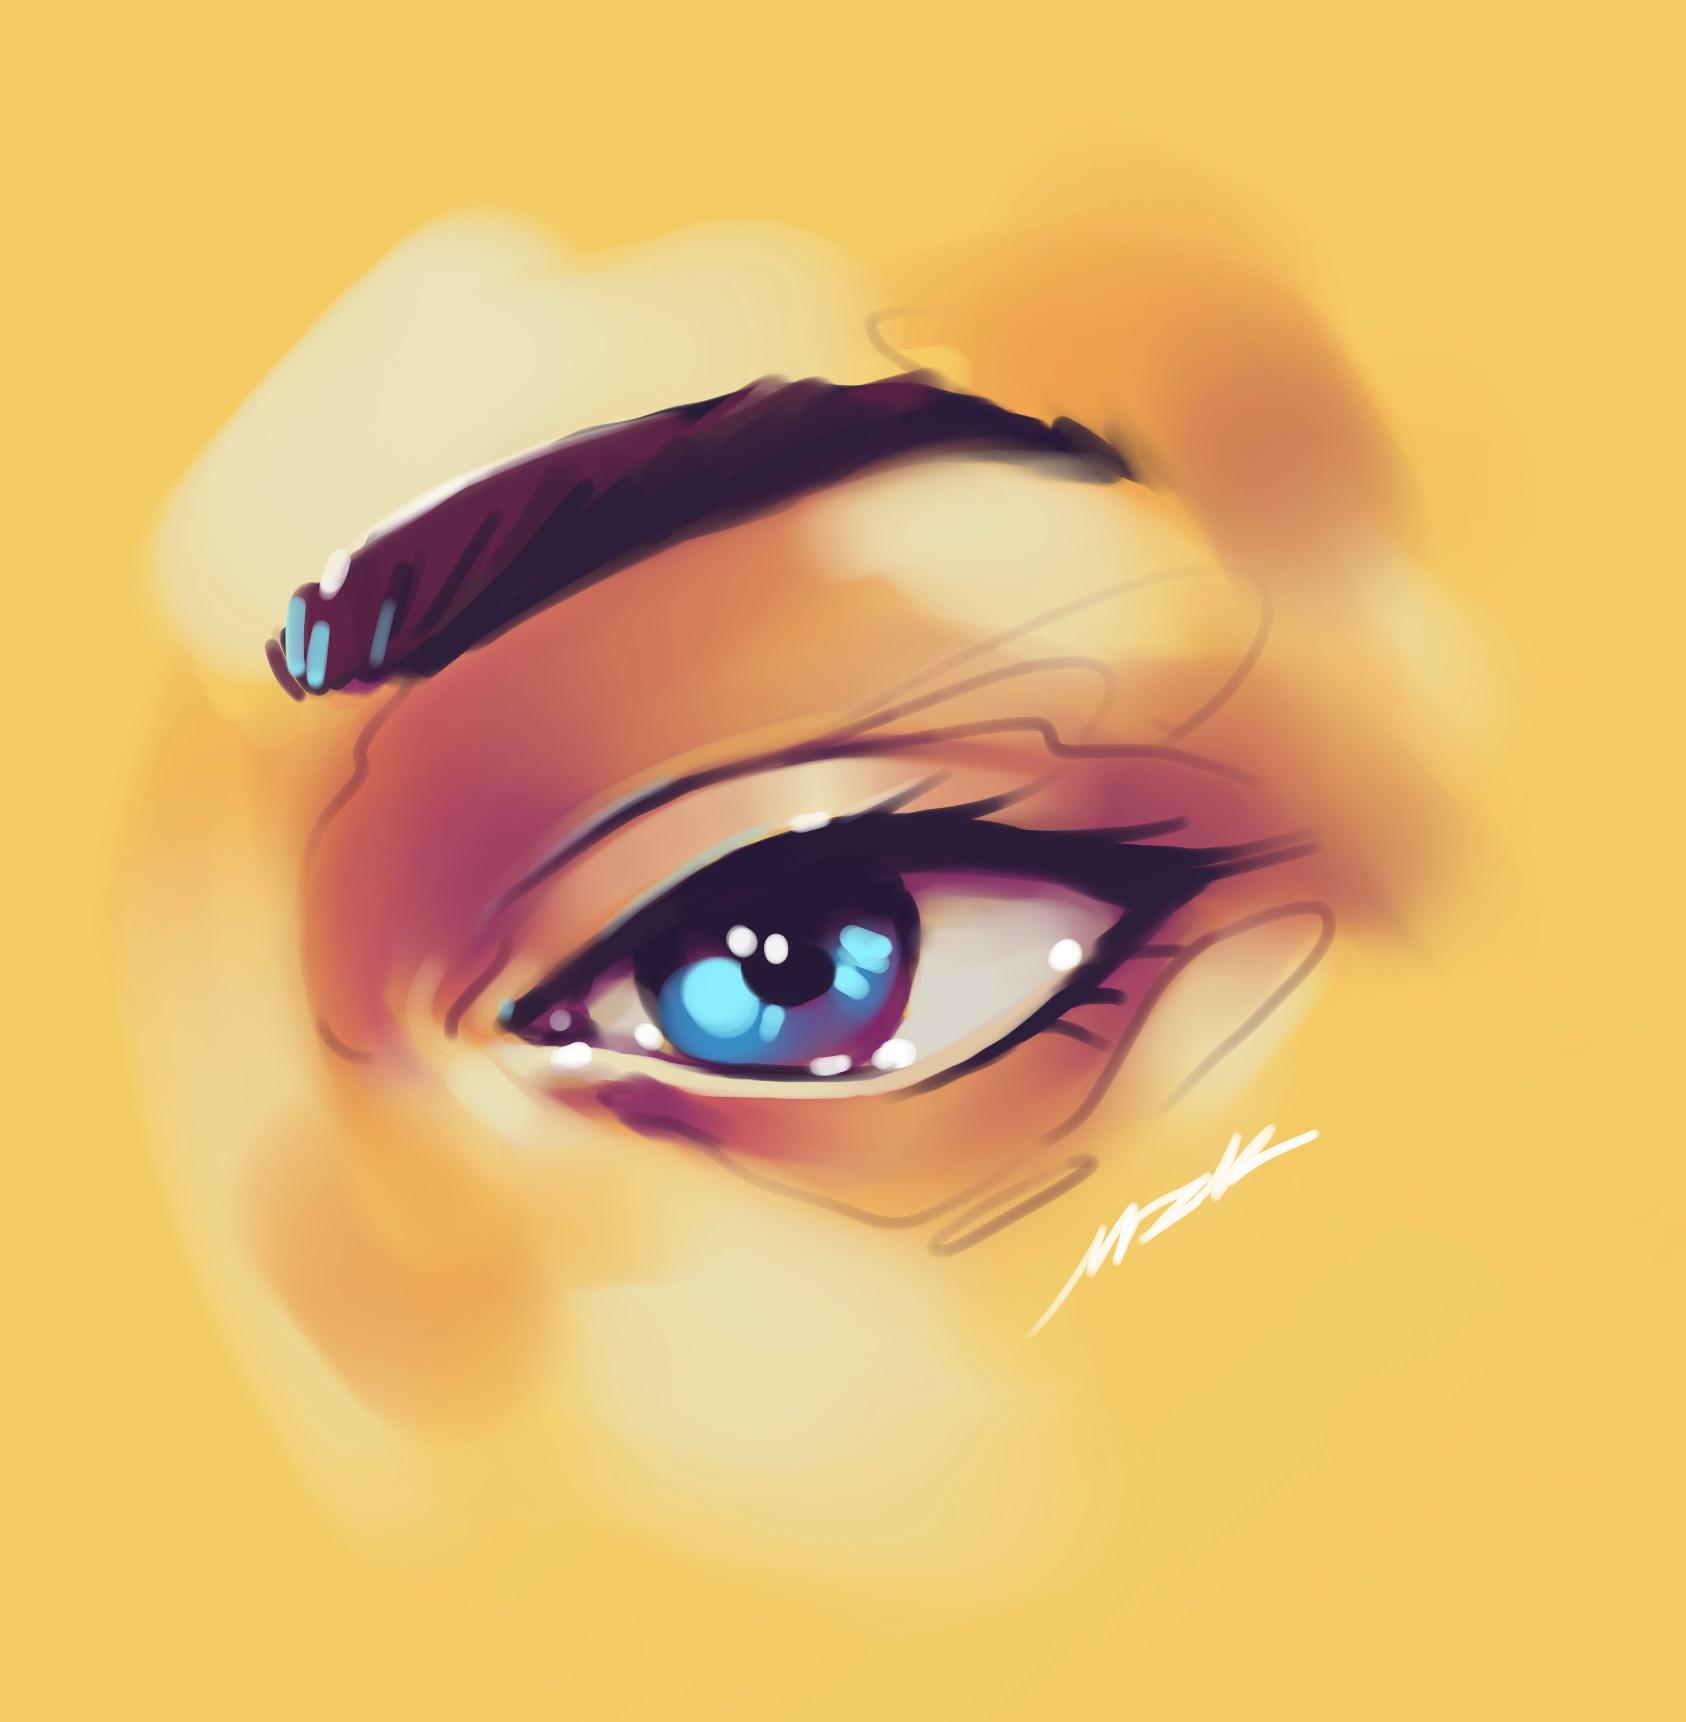 eye-2019